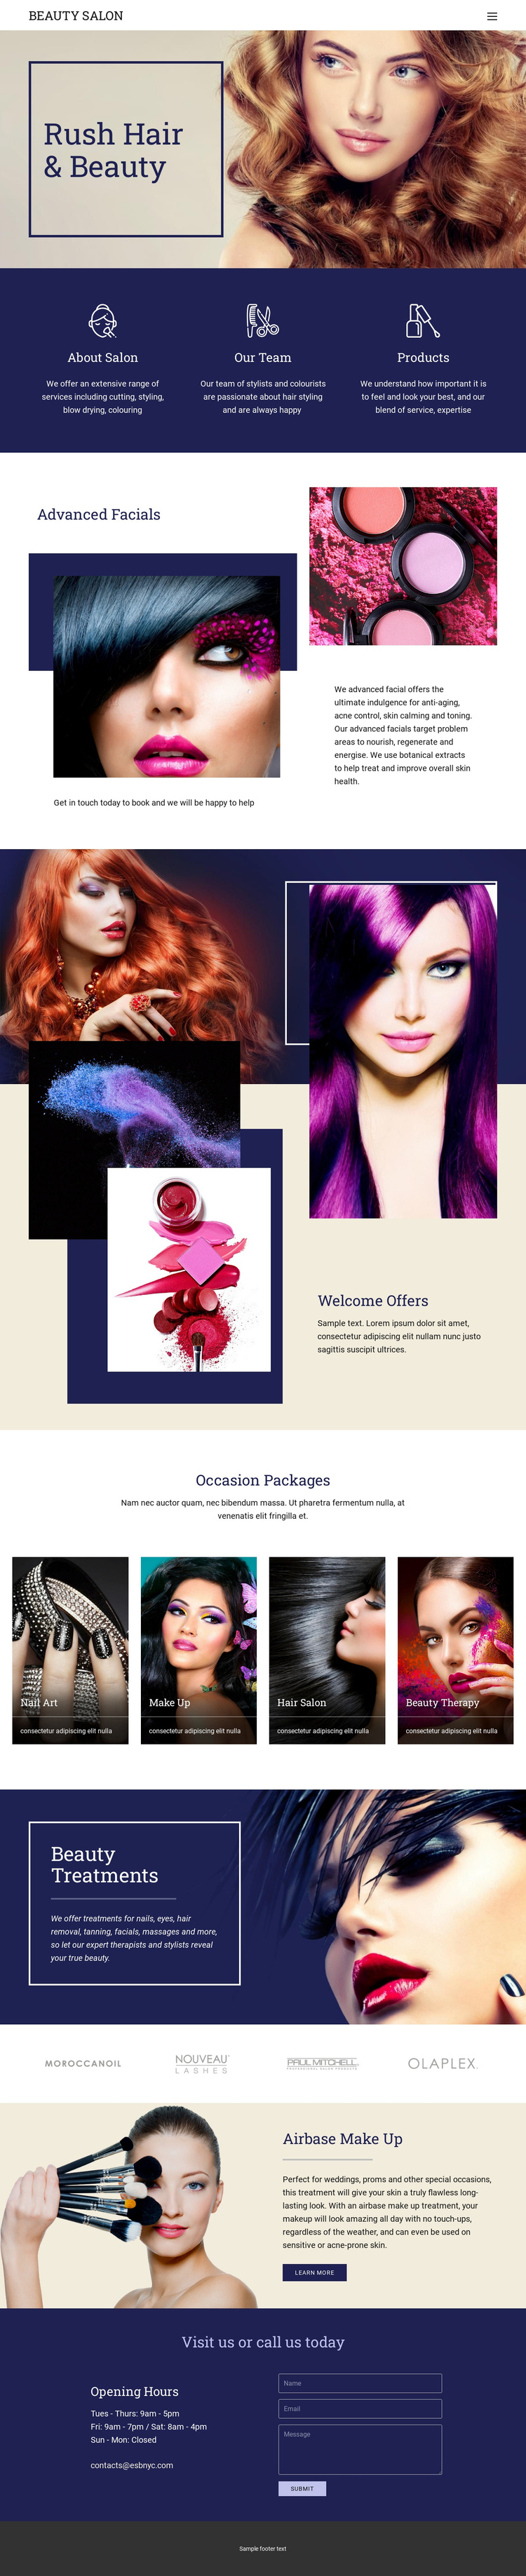 Beauty Salon Website Builder Software